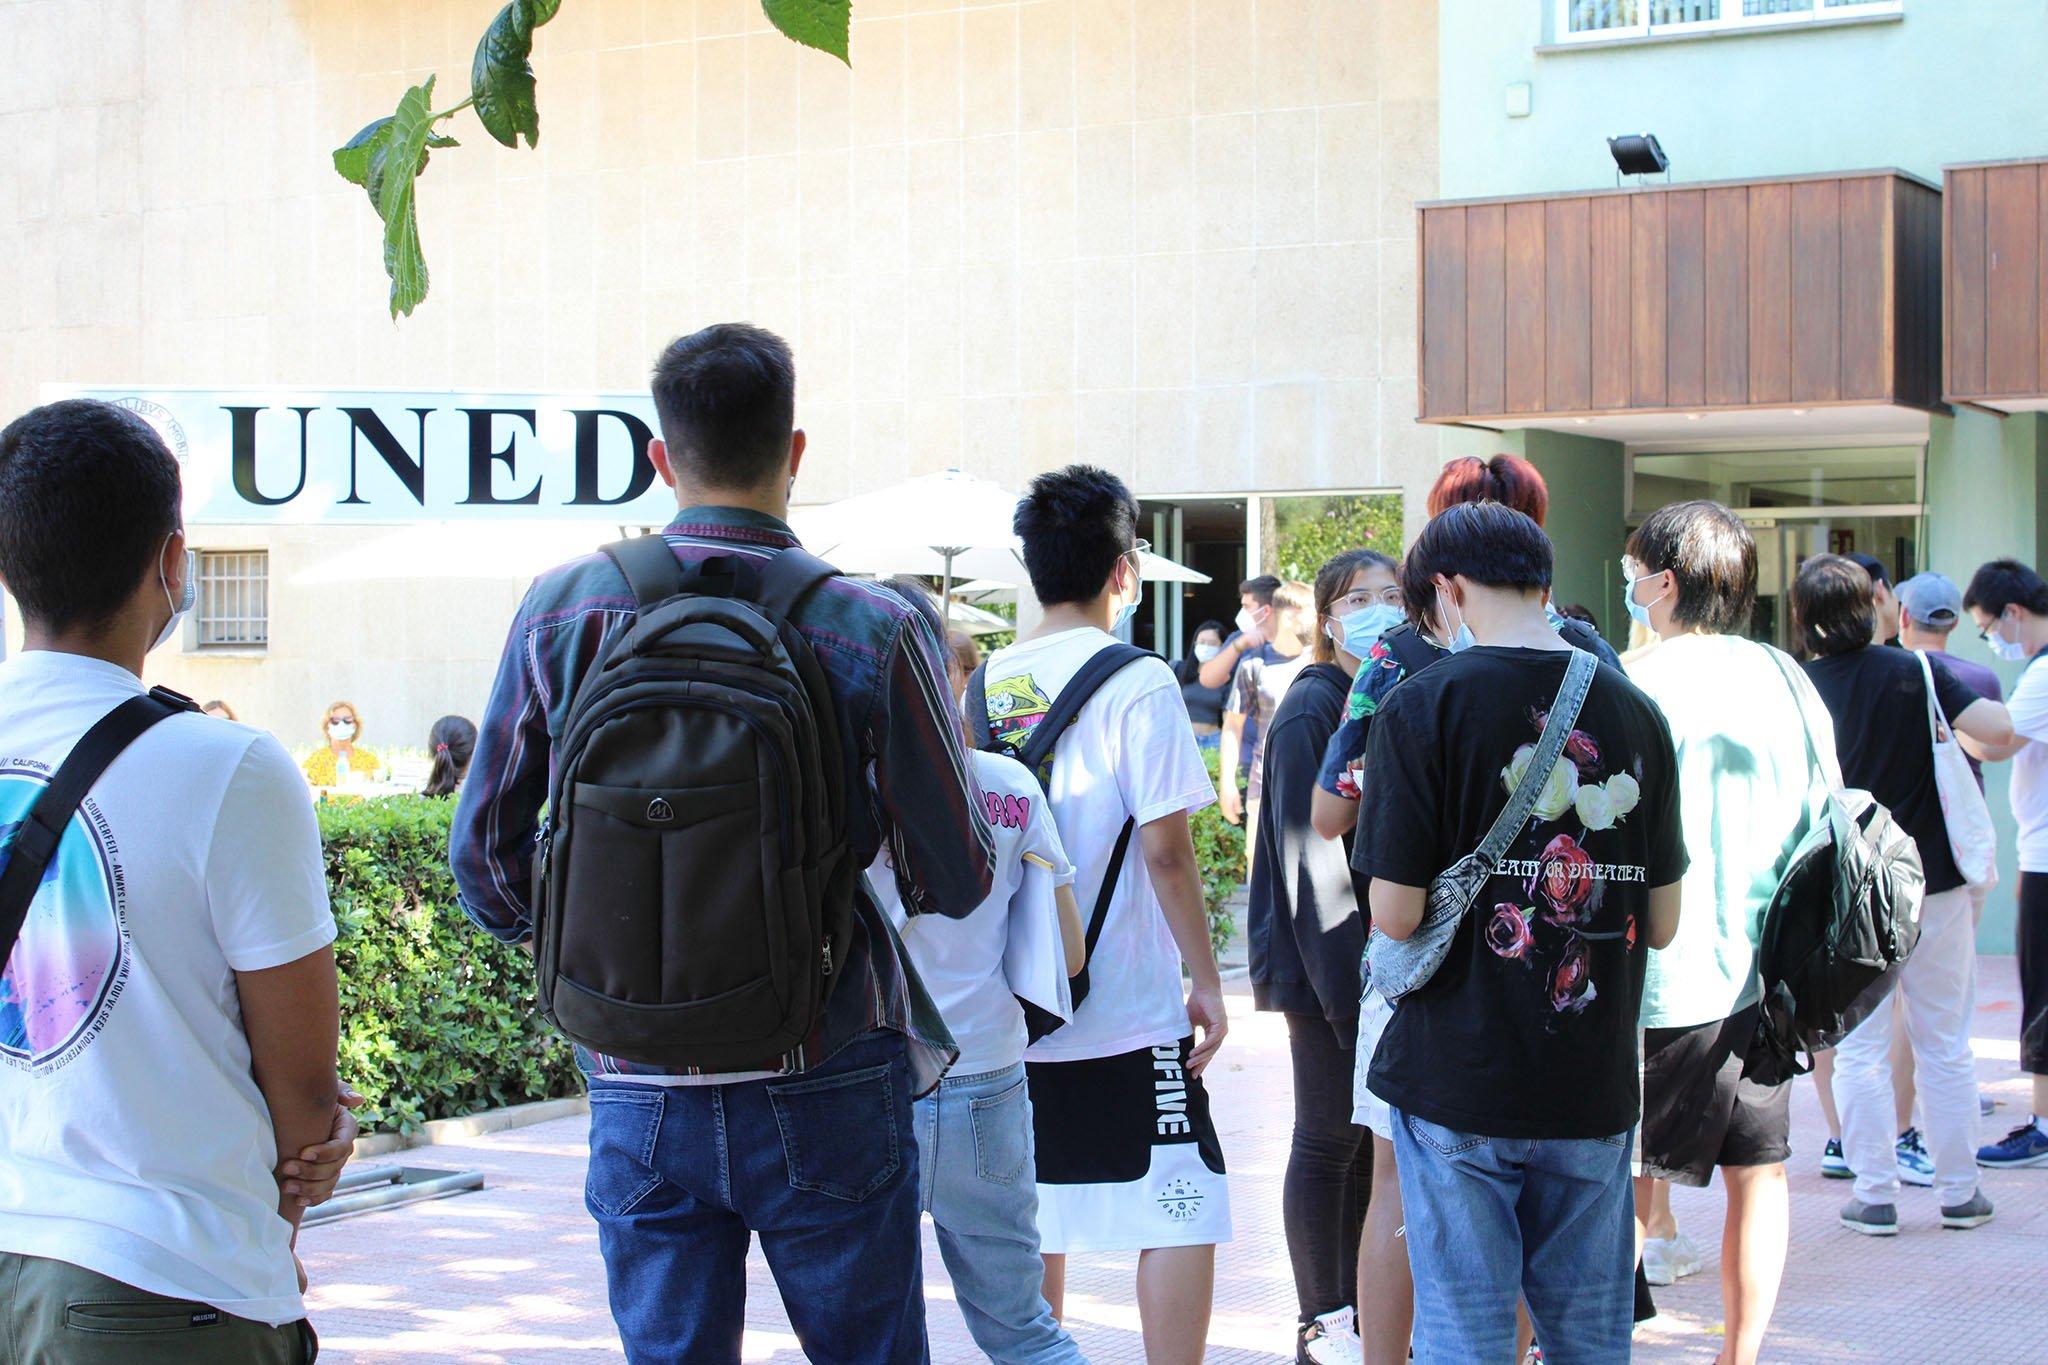 Imagen: Centro UNED Dénia